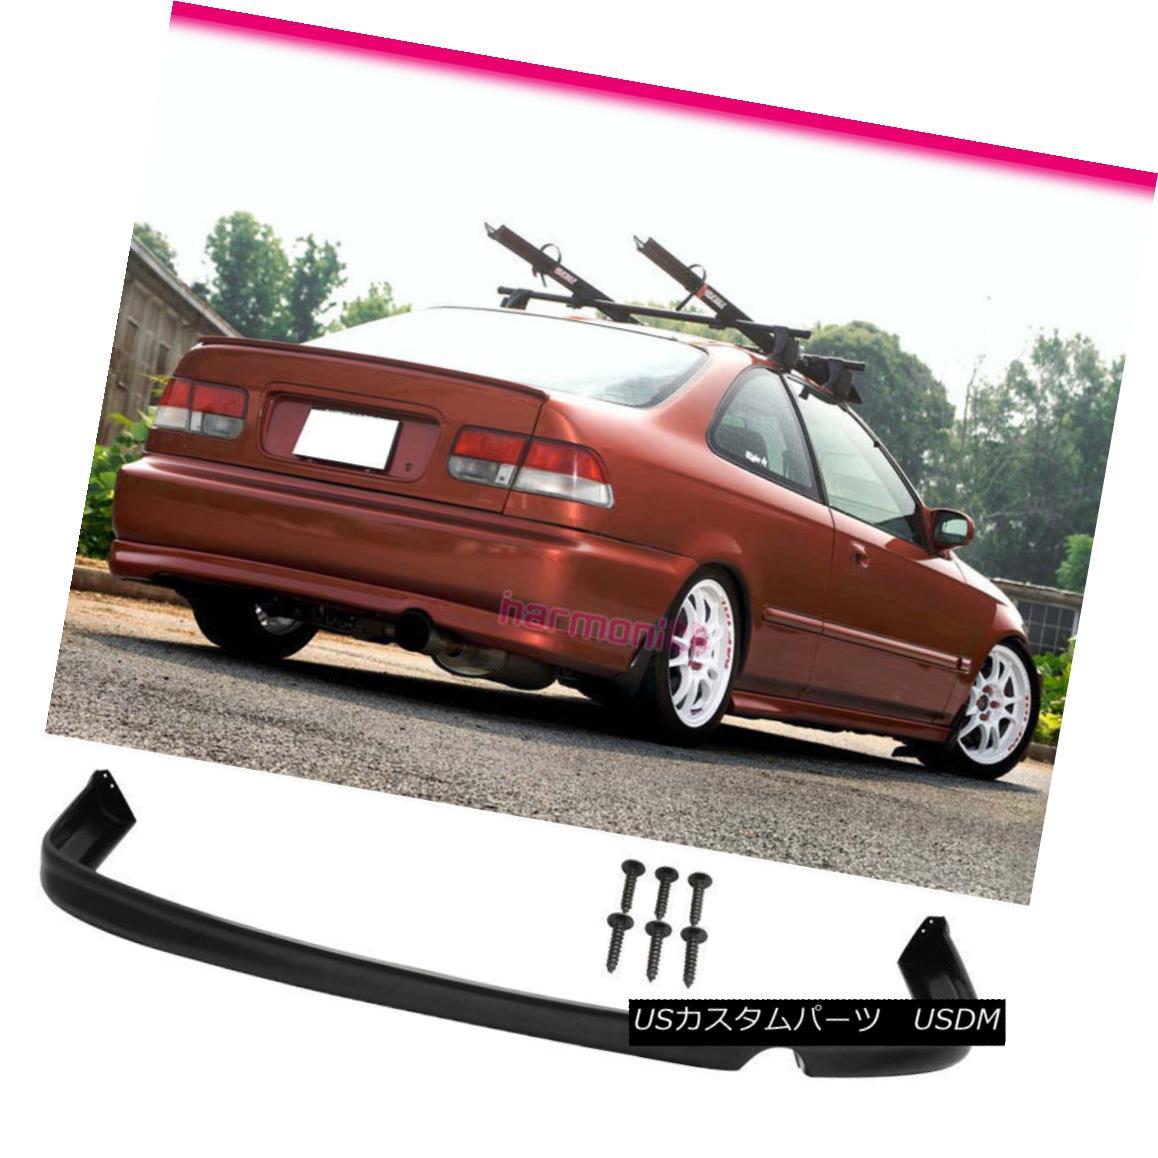 エアロパーツ Fits 92-95 Honda Civic Sedan Coupe Rear Bumper Lip Spoiler Bodykit フィット92-95ホンダシビックセダンクーペリアバンパーリップスポイラーボディキット